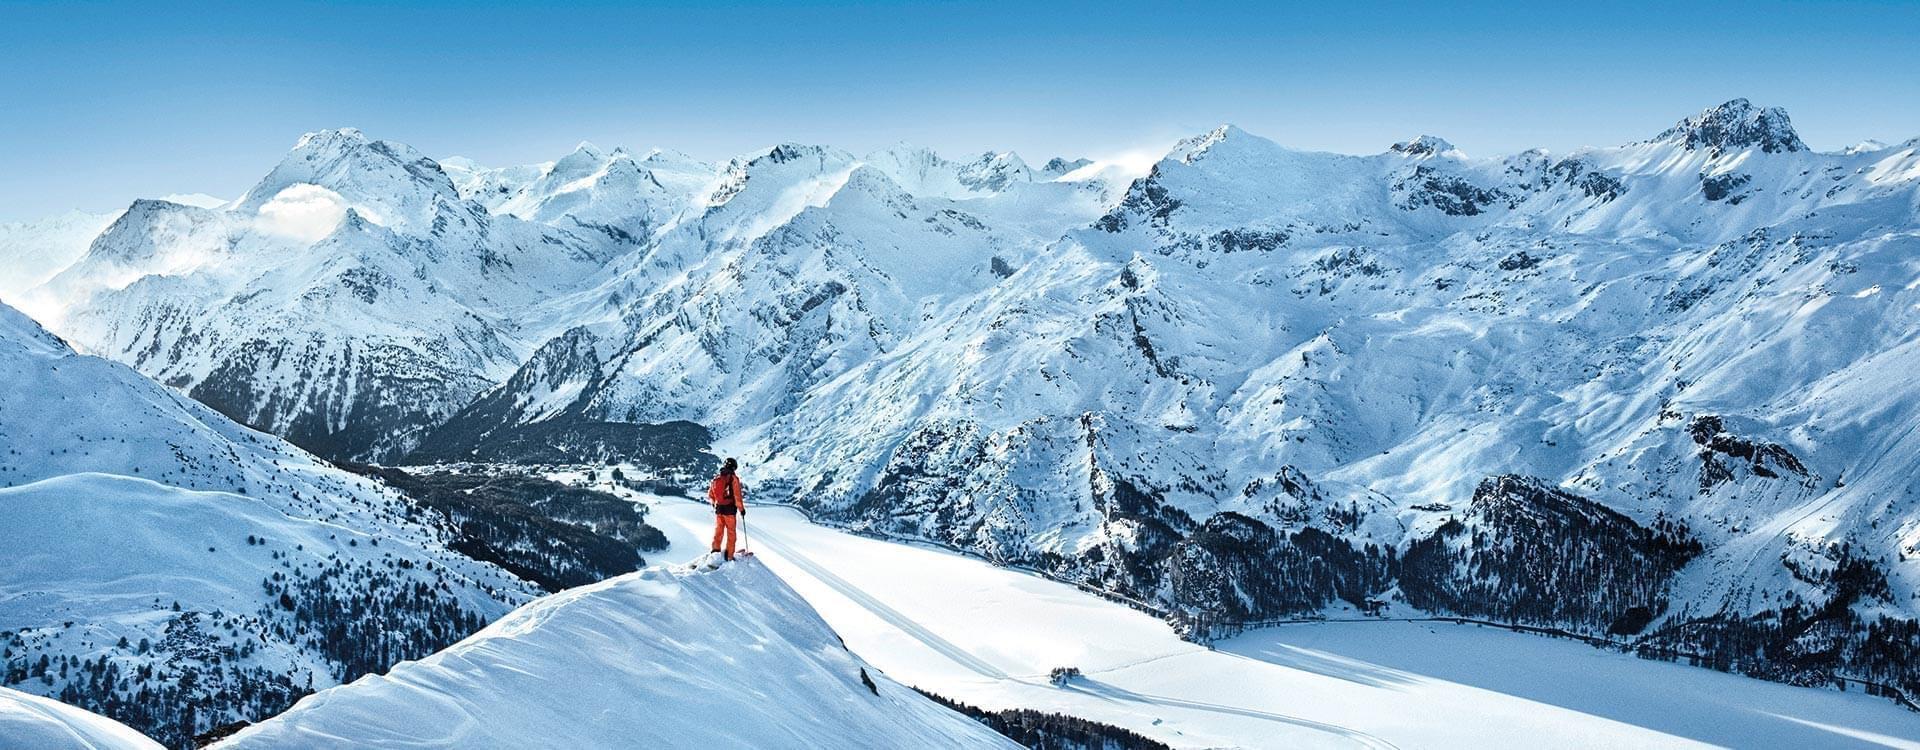 Sleep + Ski 2019/2020